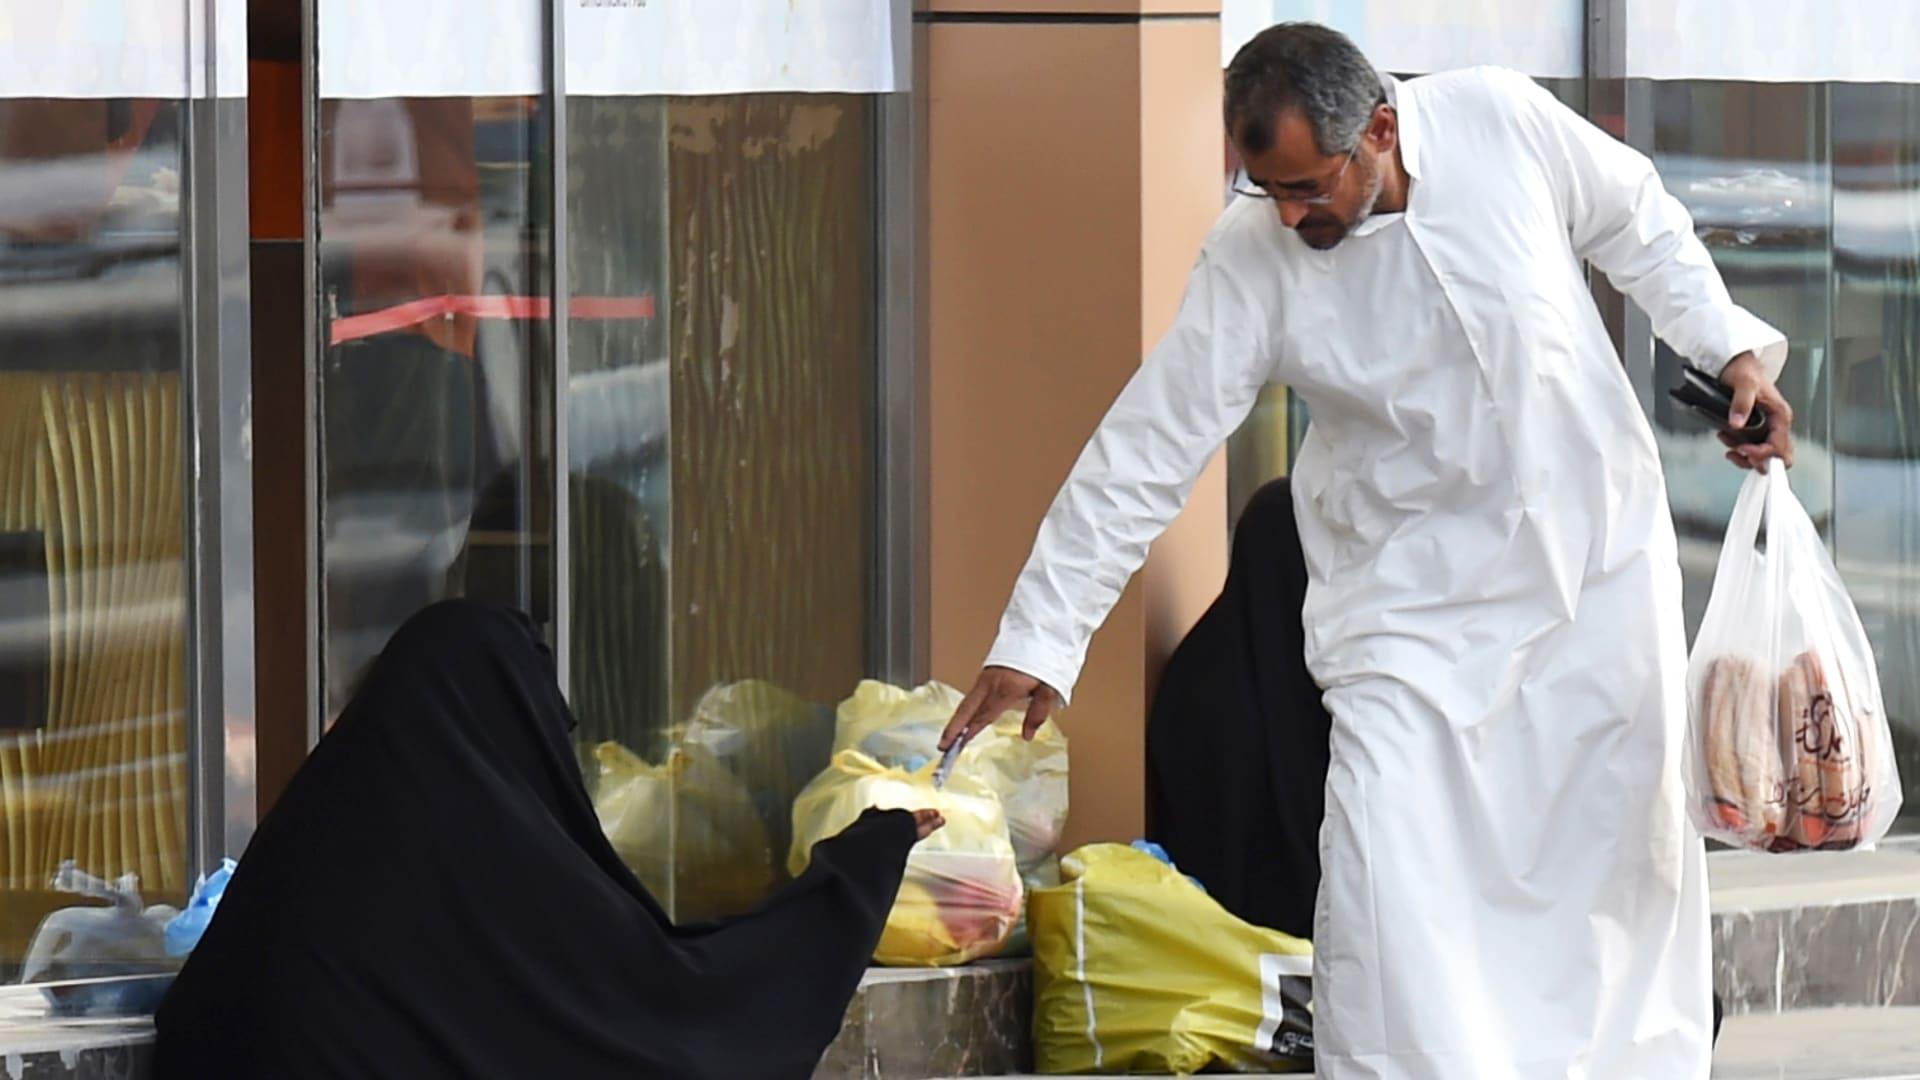 صورة ارشيفية لرجل يعطي مالا لامرأة تطلب المساعدة في السعودية